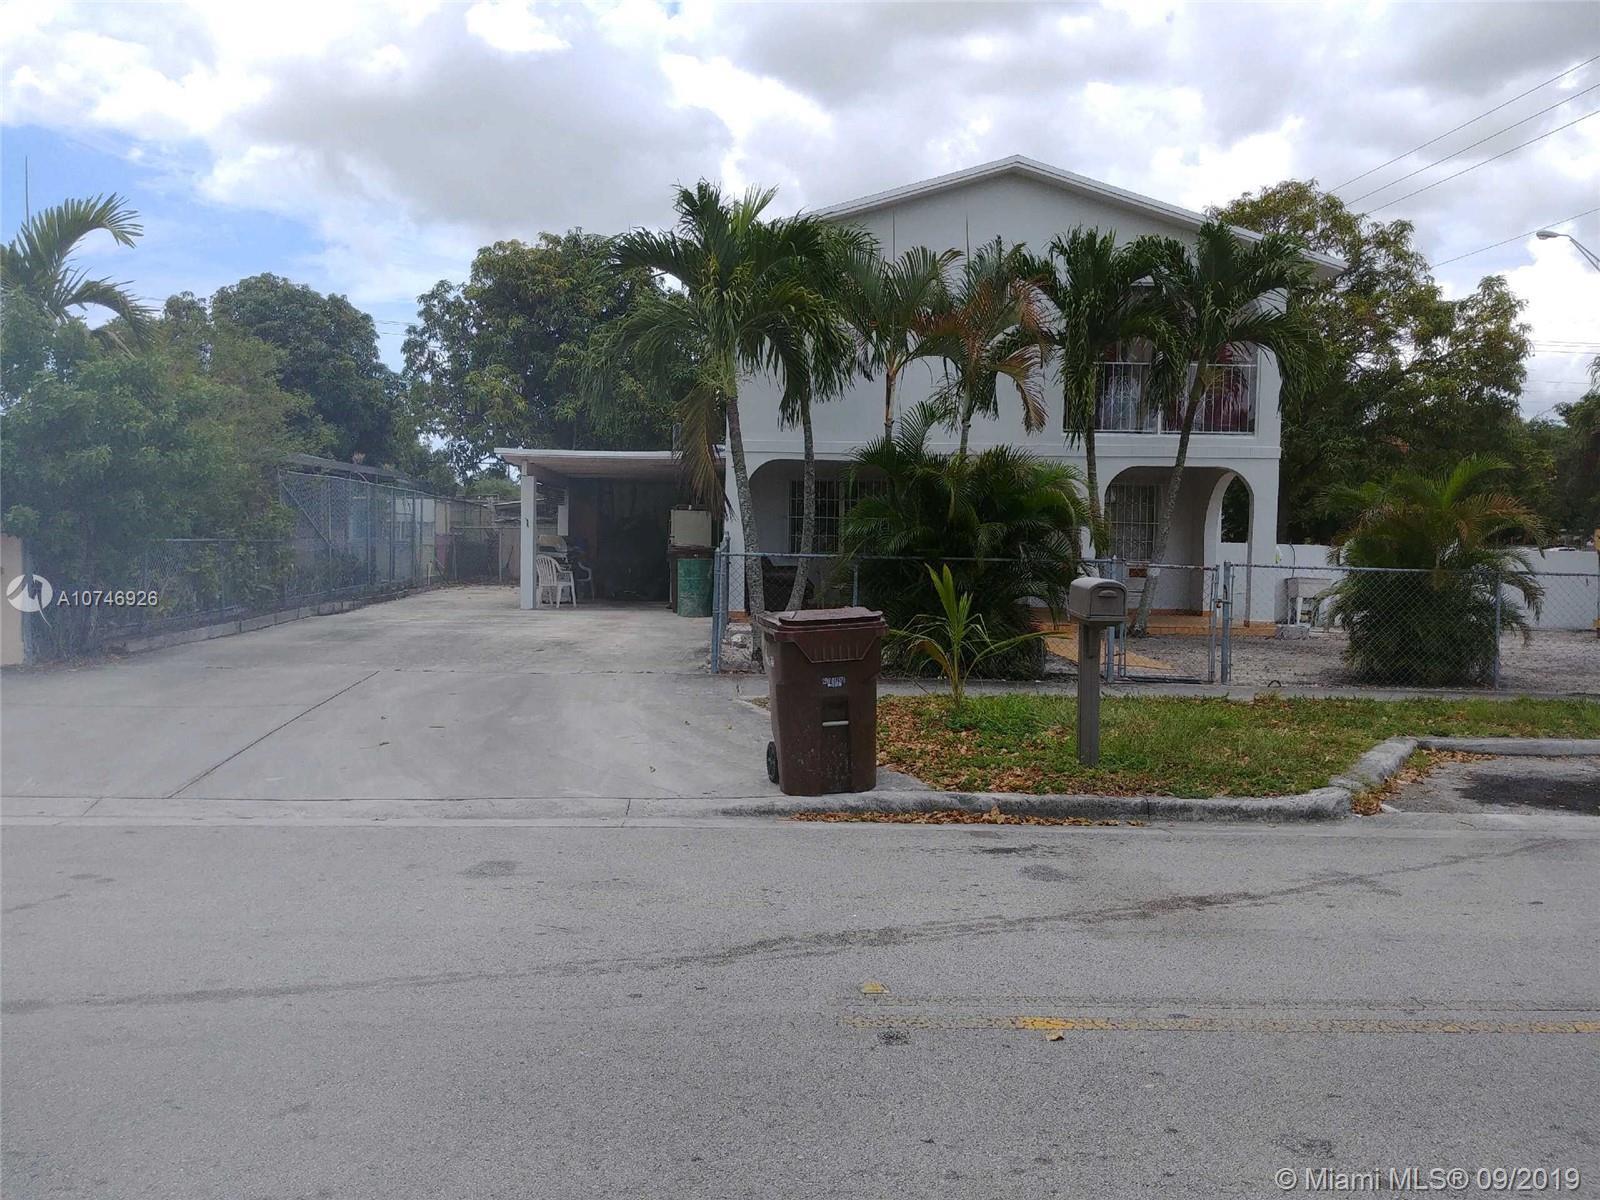 906 E 20th St, Hialeah, FL 33013